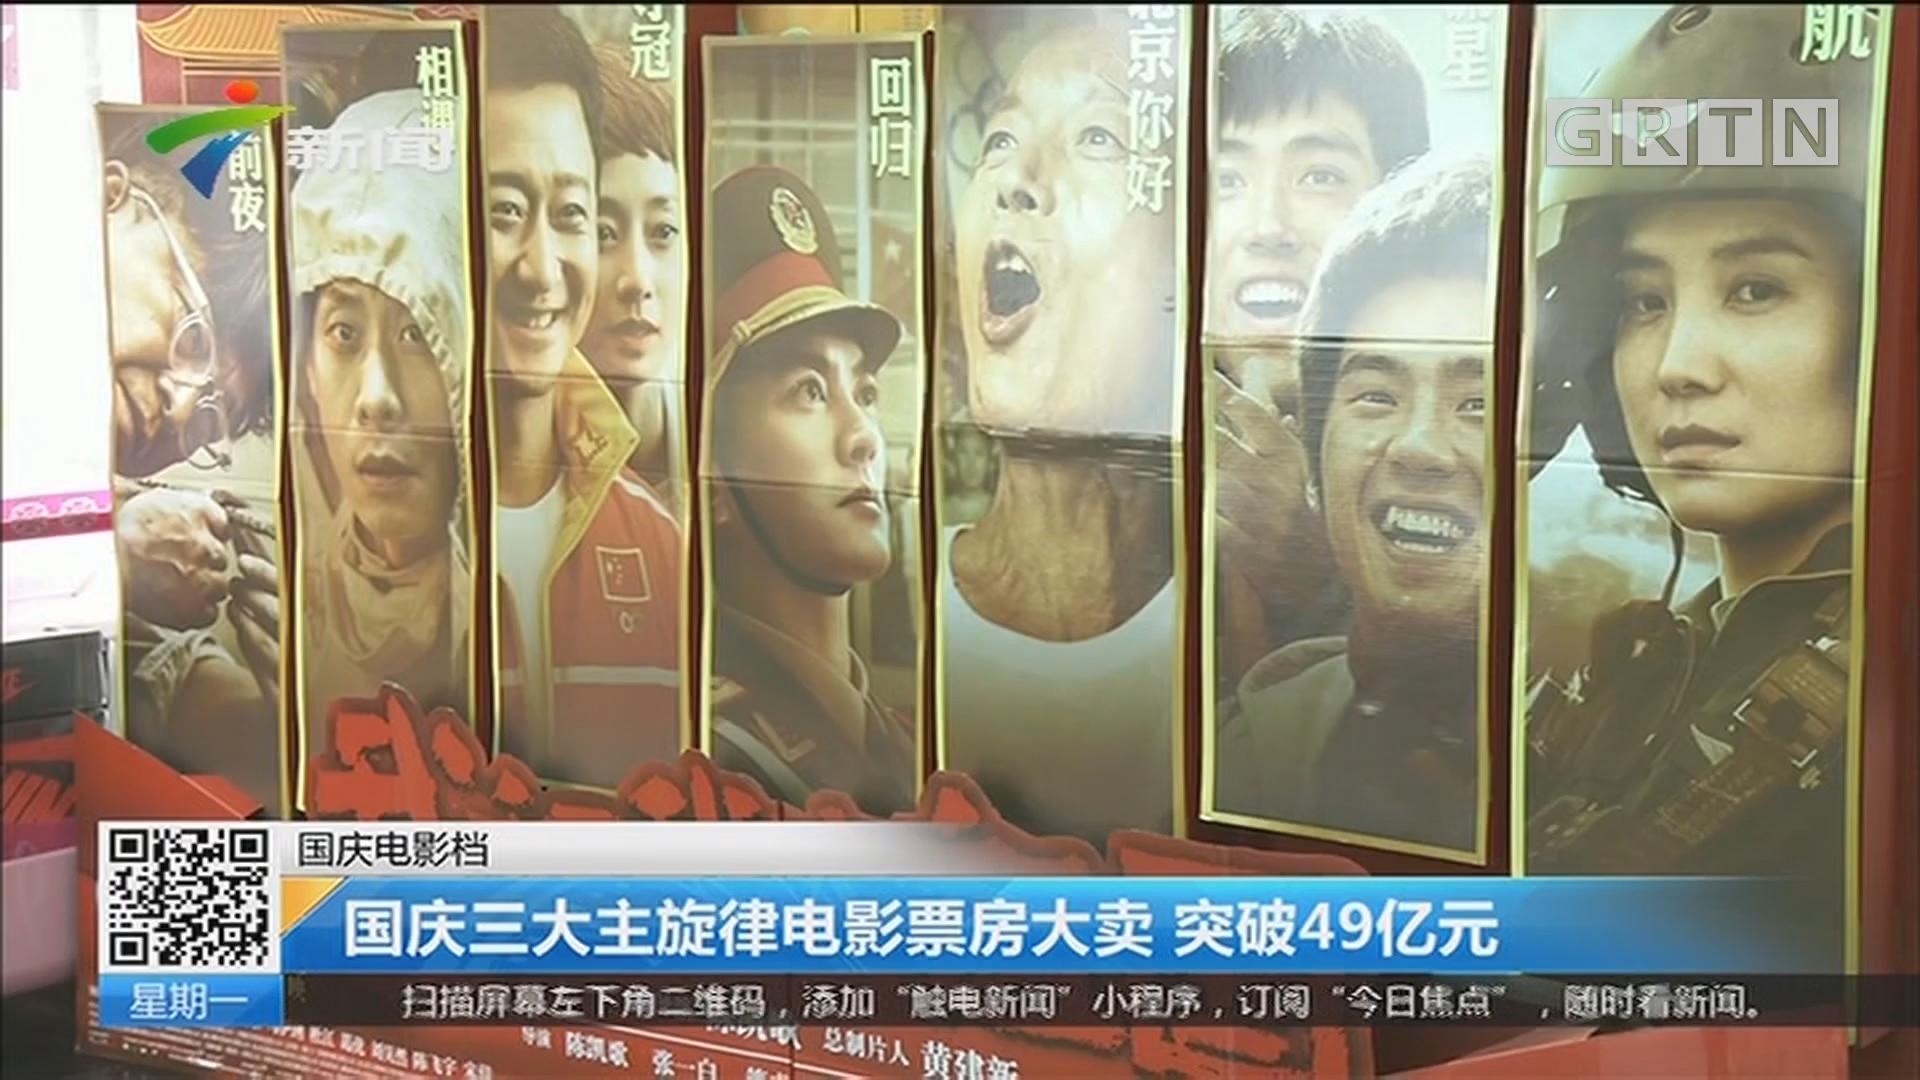 国庆电影档:国庆三大主旋律电影票房大卖 突破49亿元